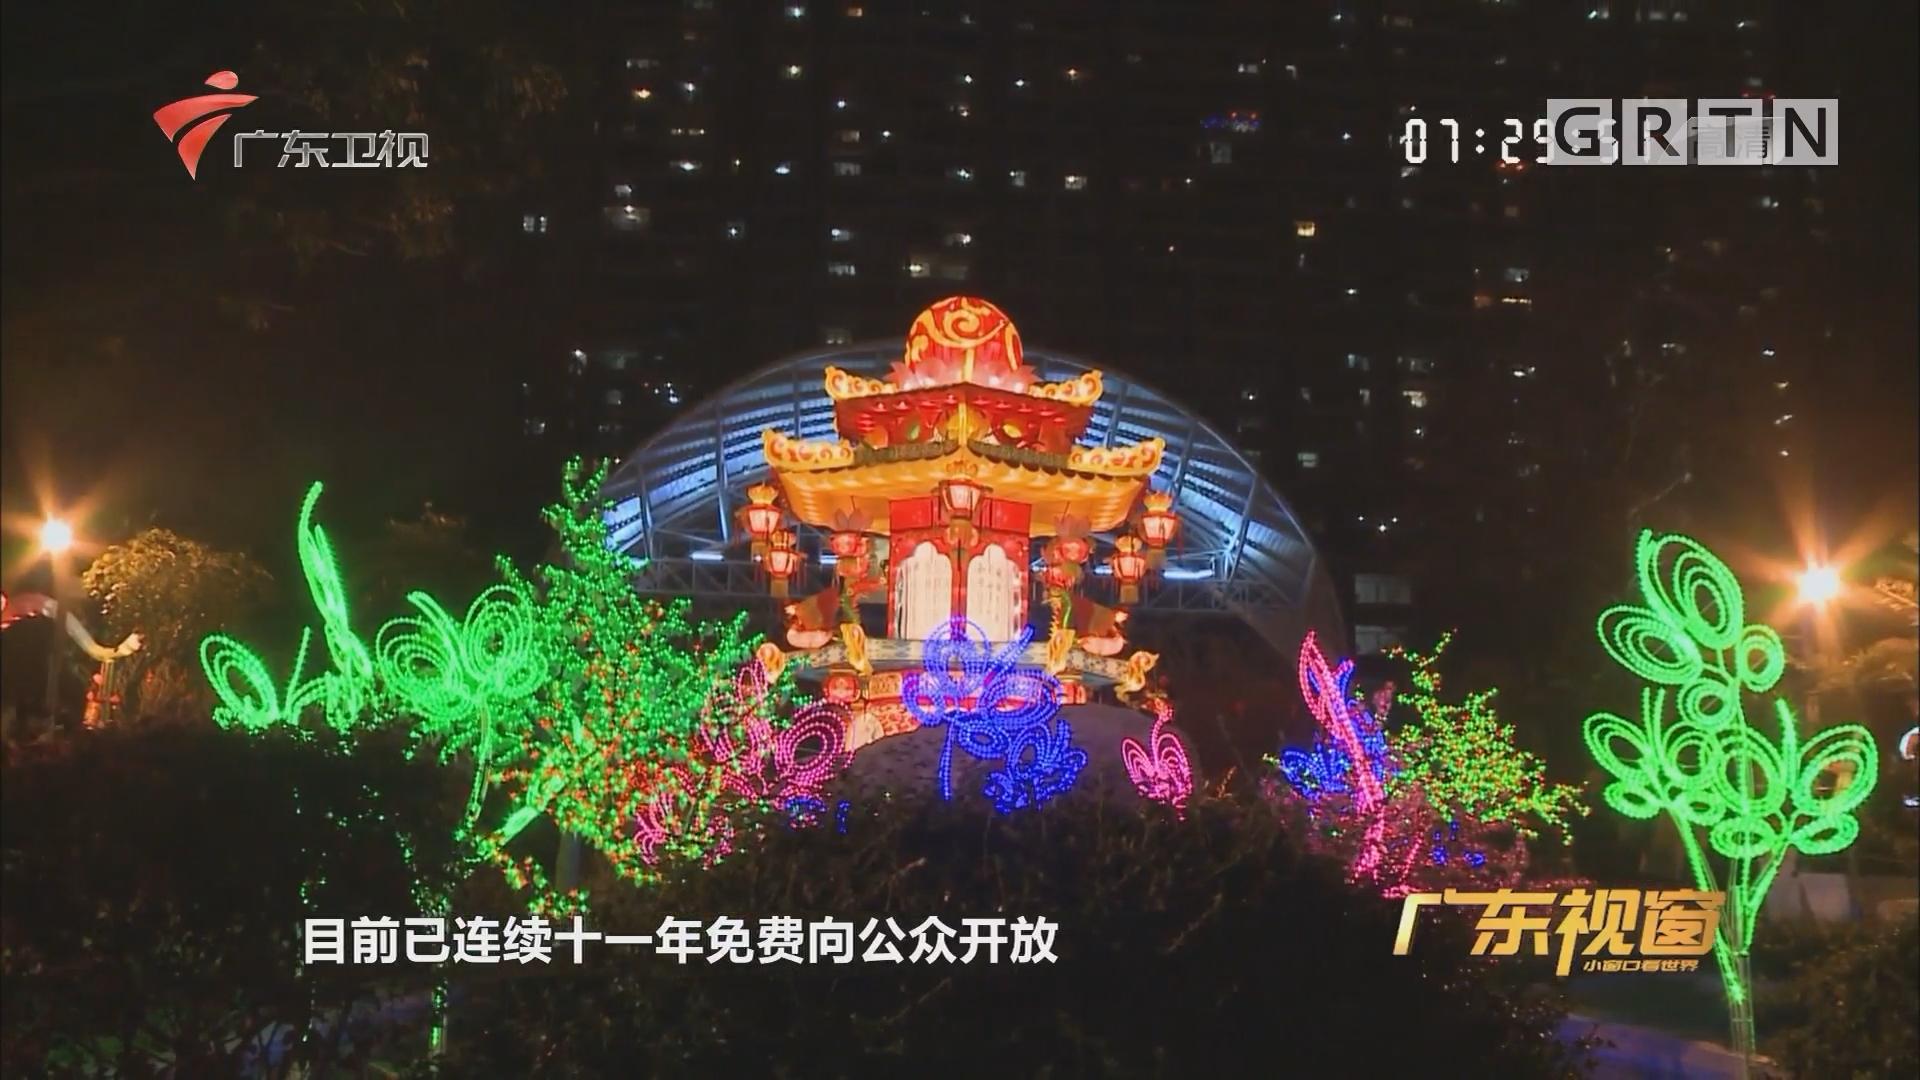 广州:张灯结彩迎新春